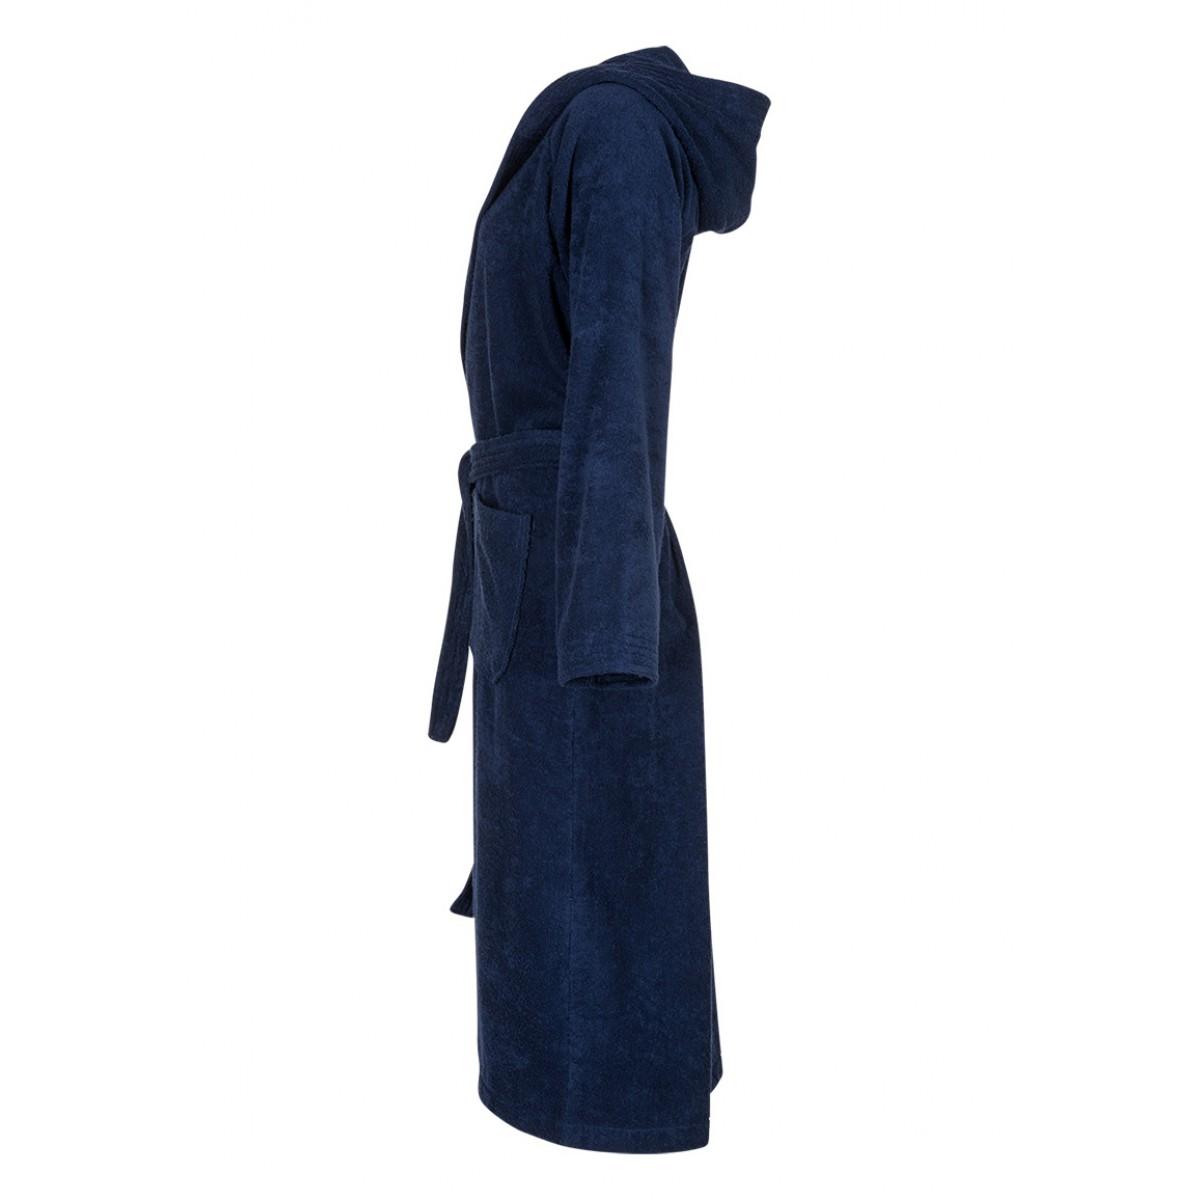 Marineblauwe badjas unisex